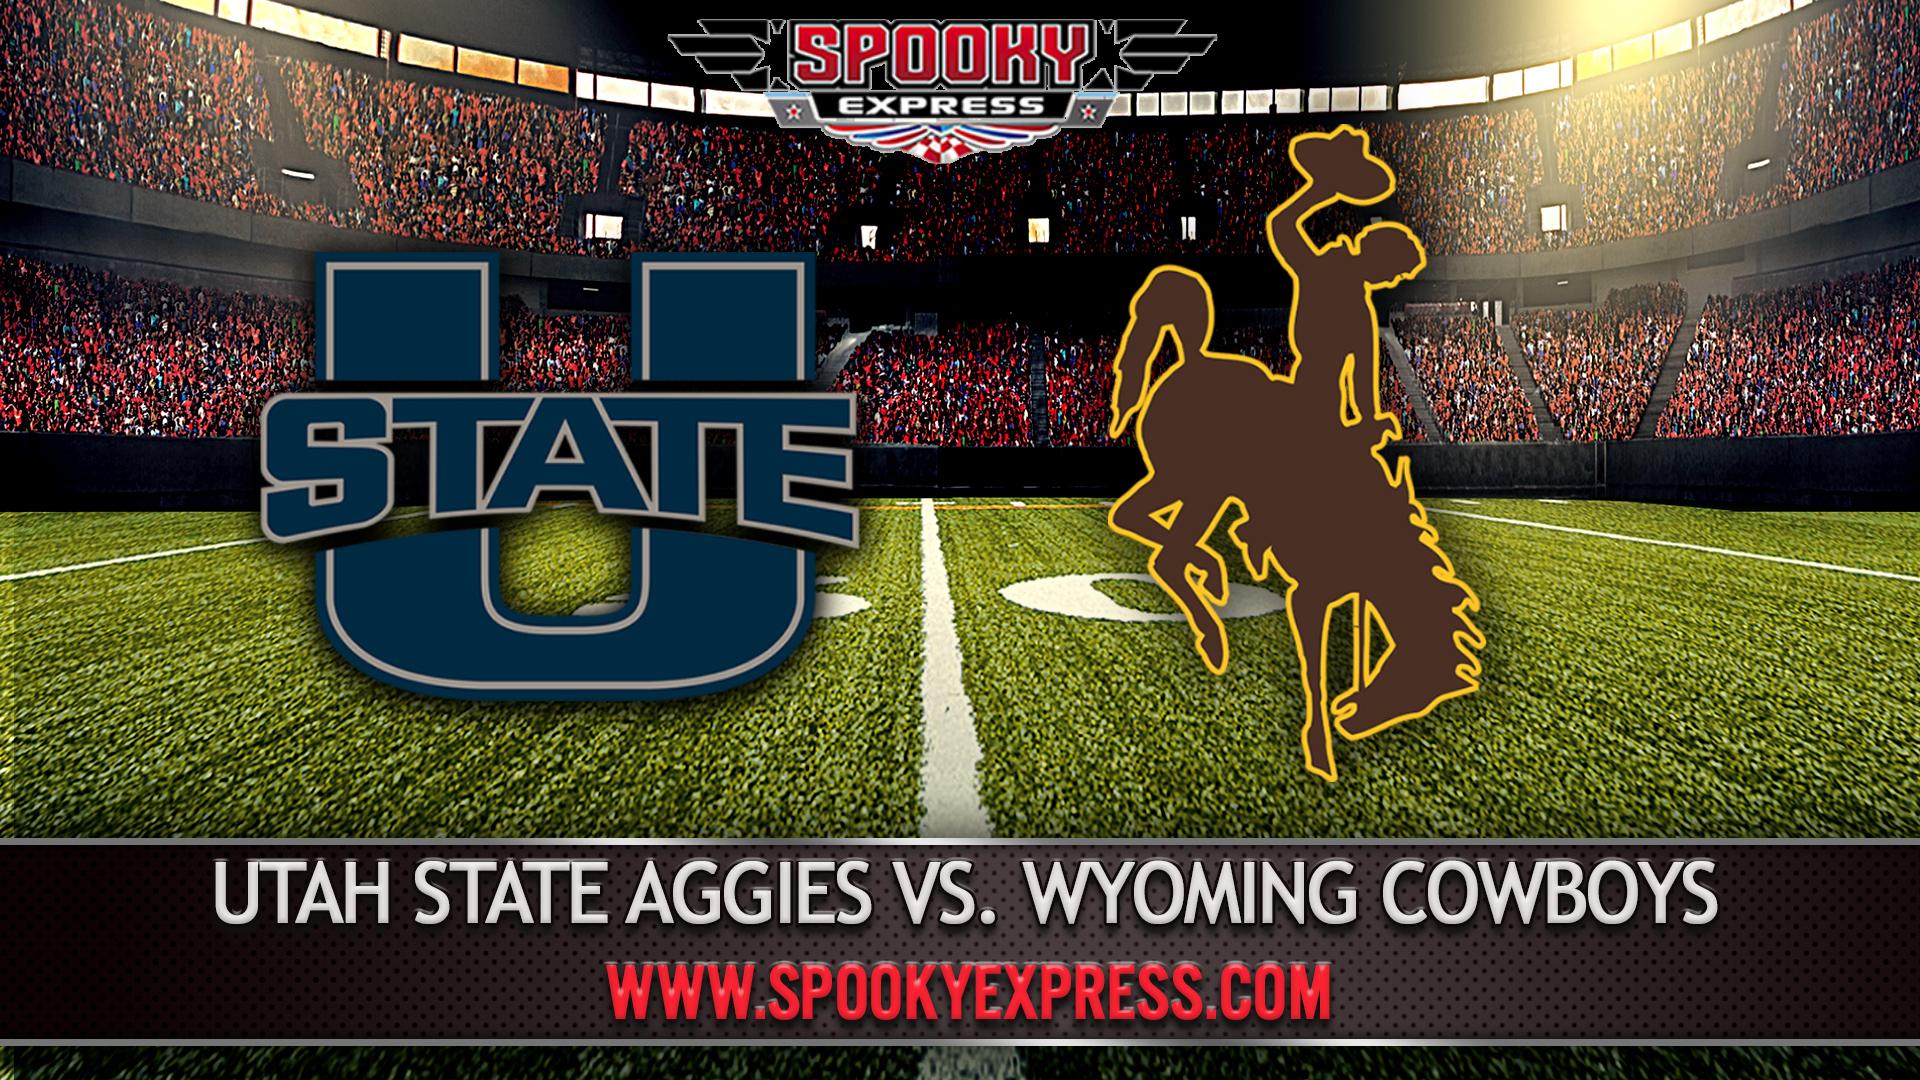 Utah state wyoming betting websites tab soccer 13 betting websites